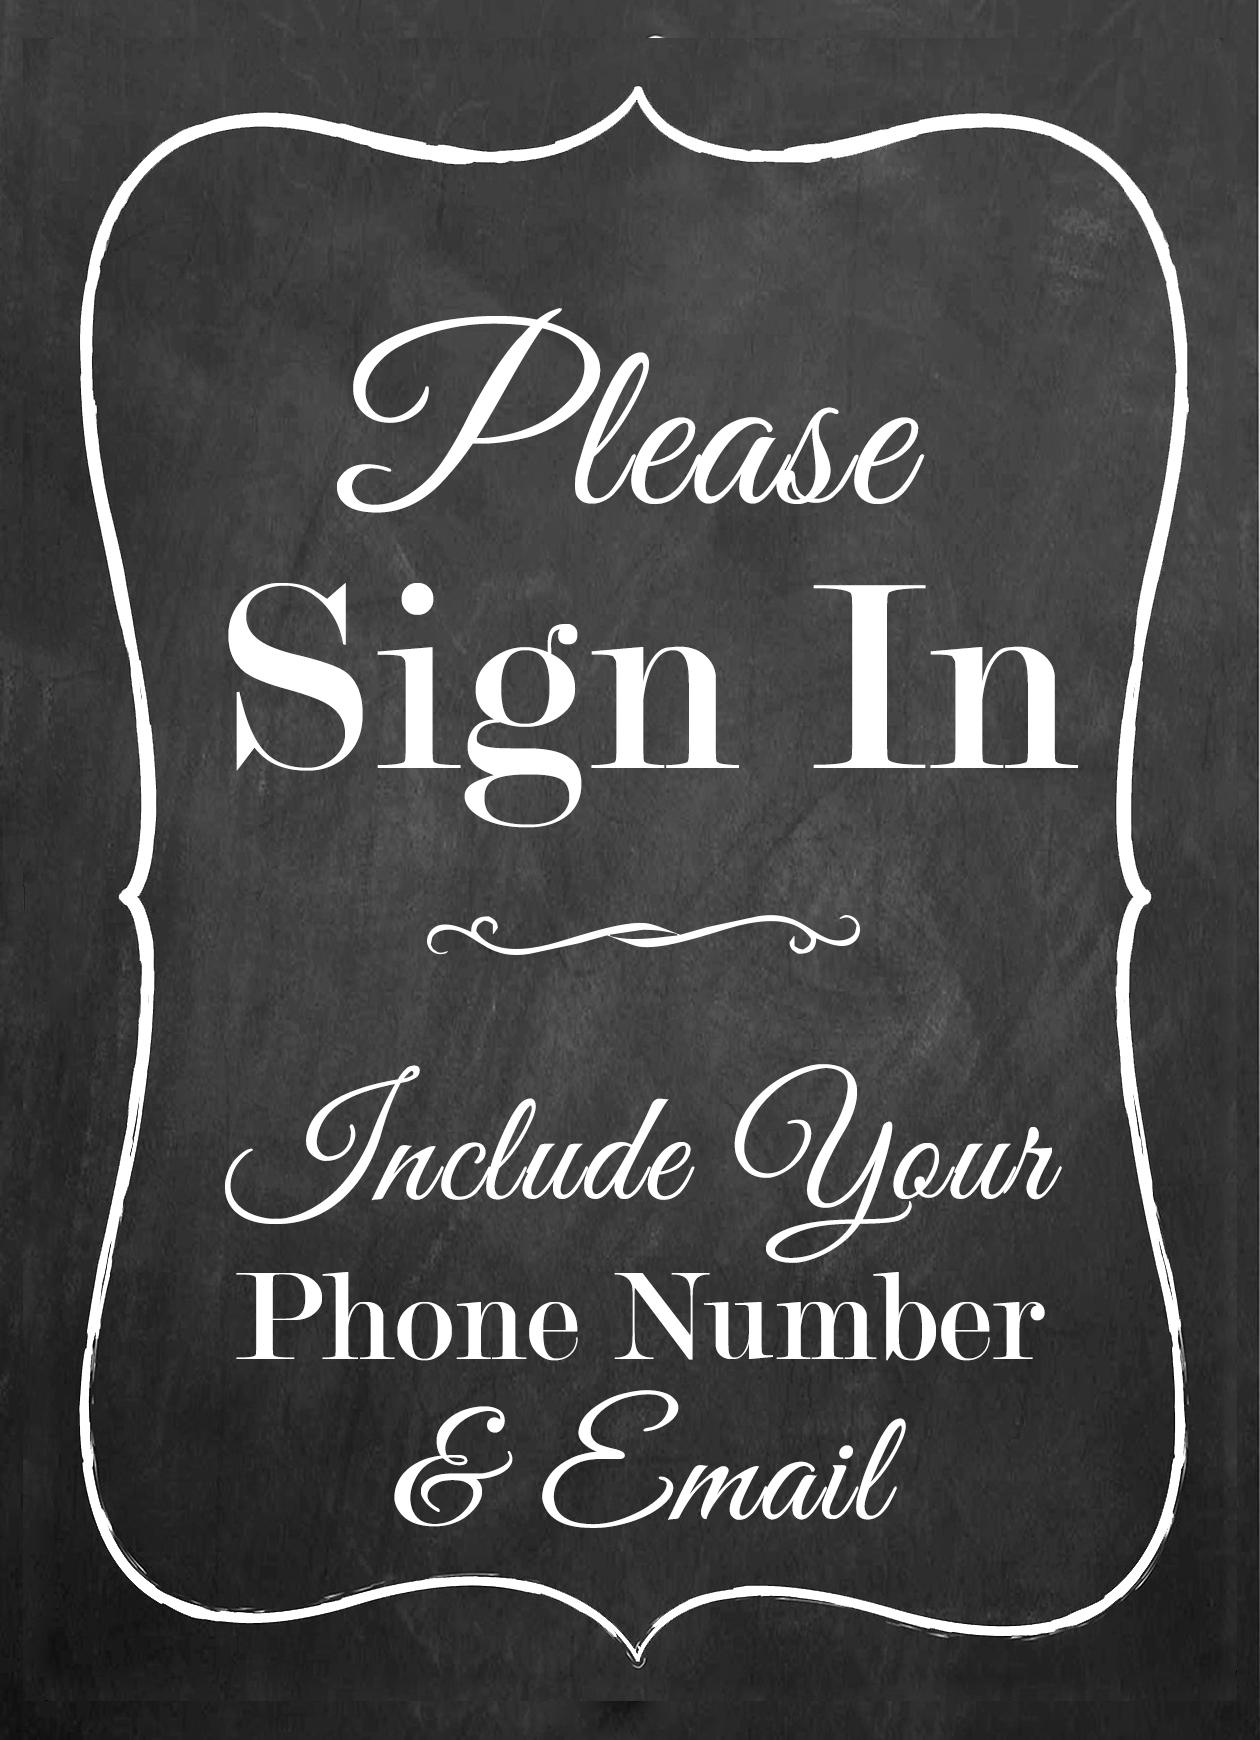 sign-in2.jpg